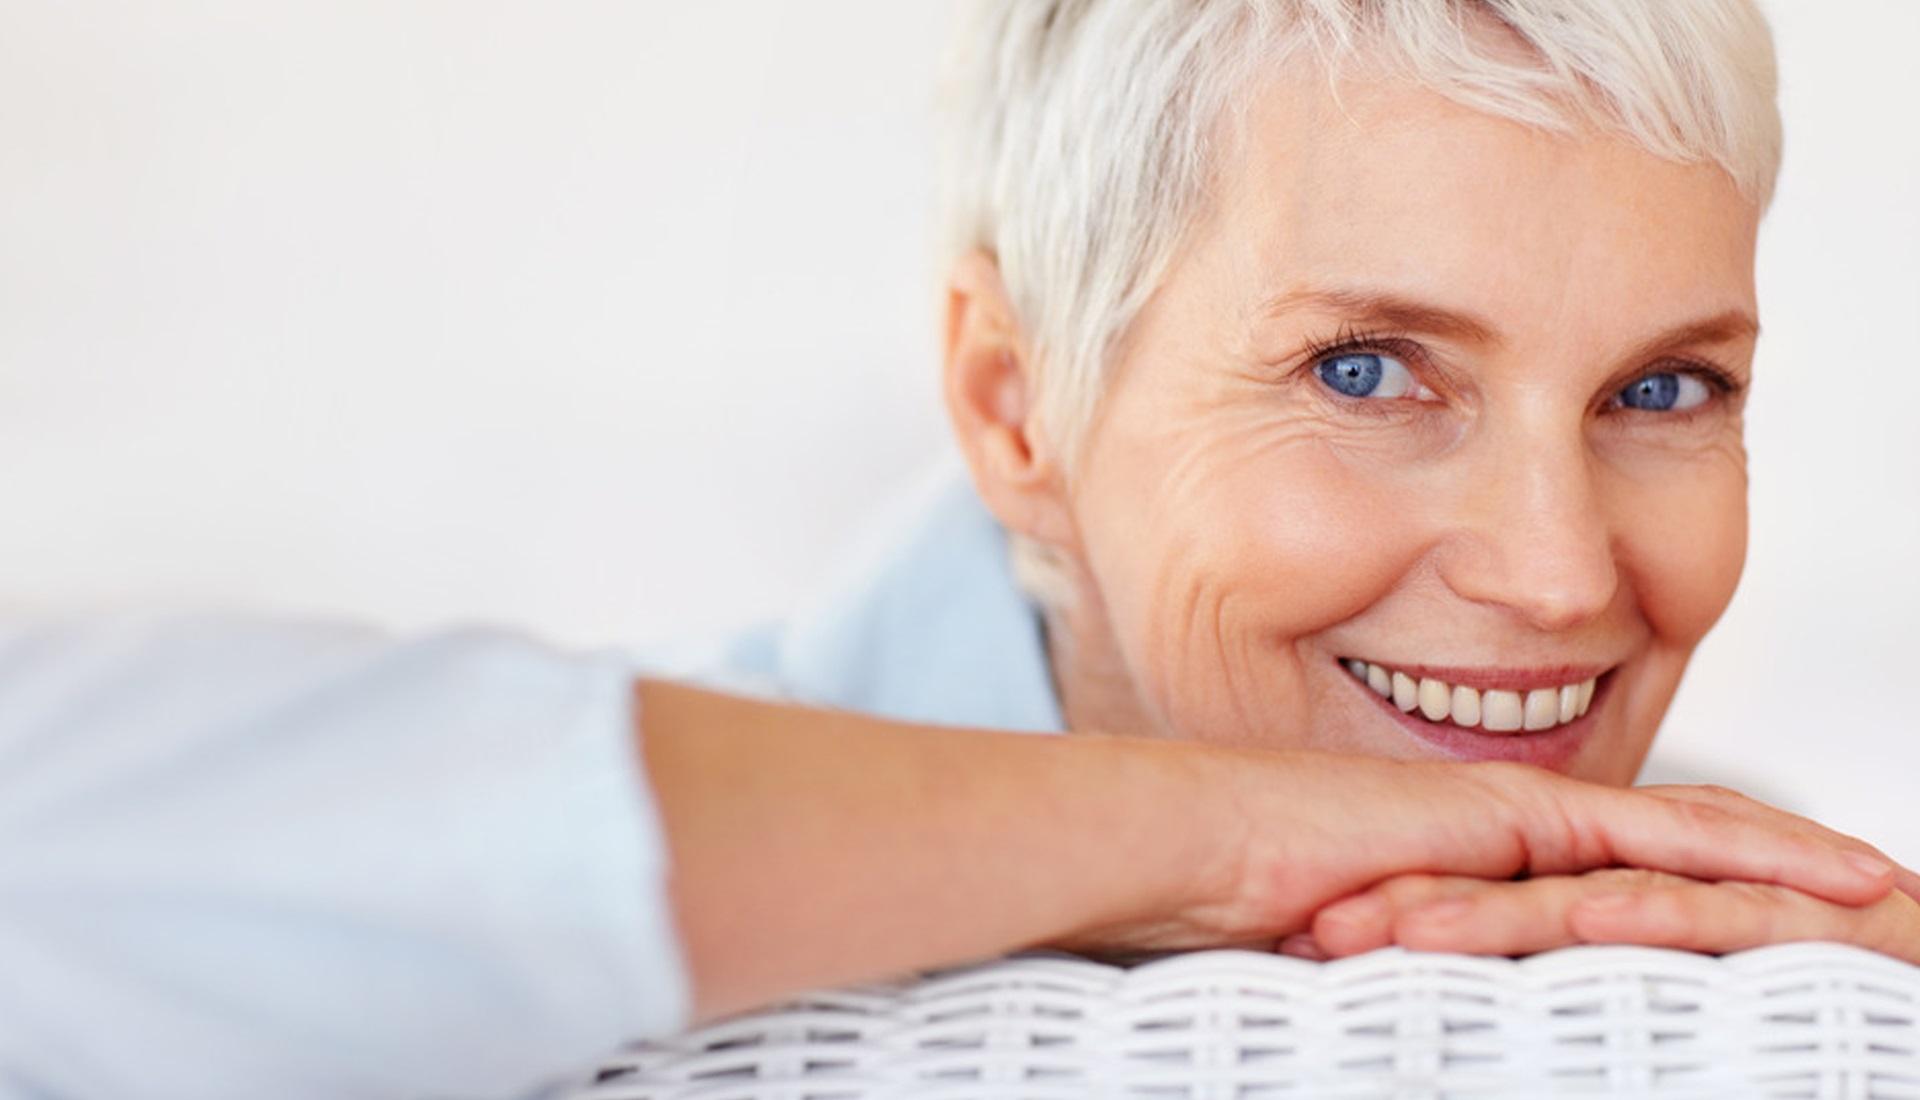 Феноловый пилинг восстанавливает молодость и цвет лица